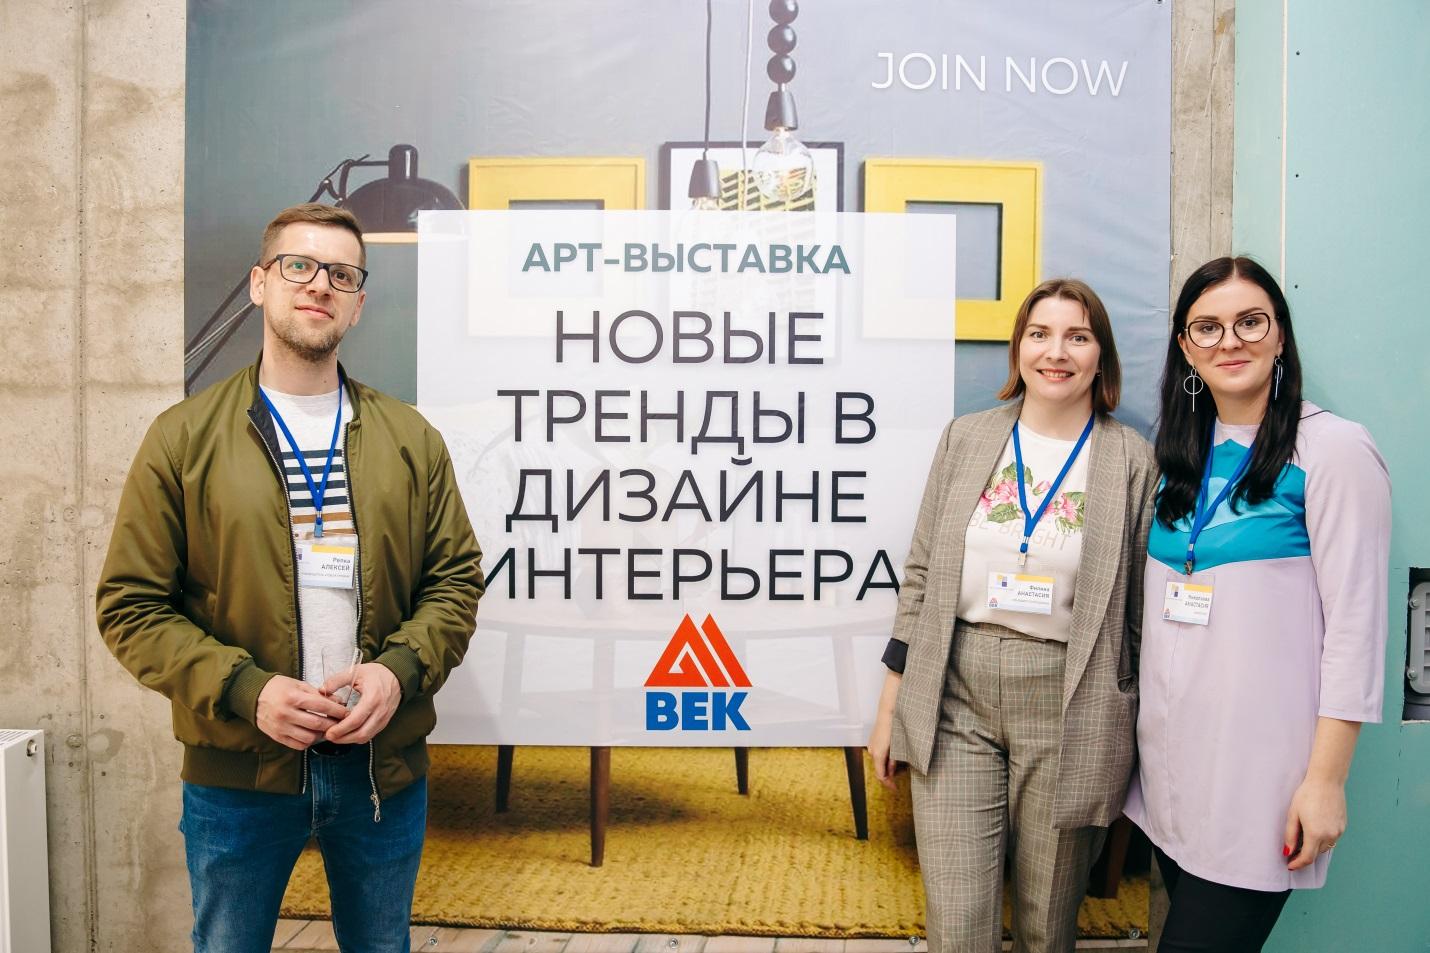 новые тренды в дизайне интерьера, арт-выставка, век петрозаводск, строительная компания петрозаводск